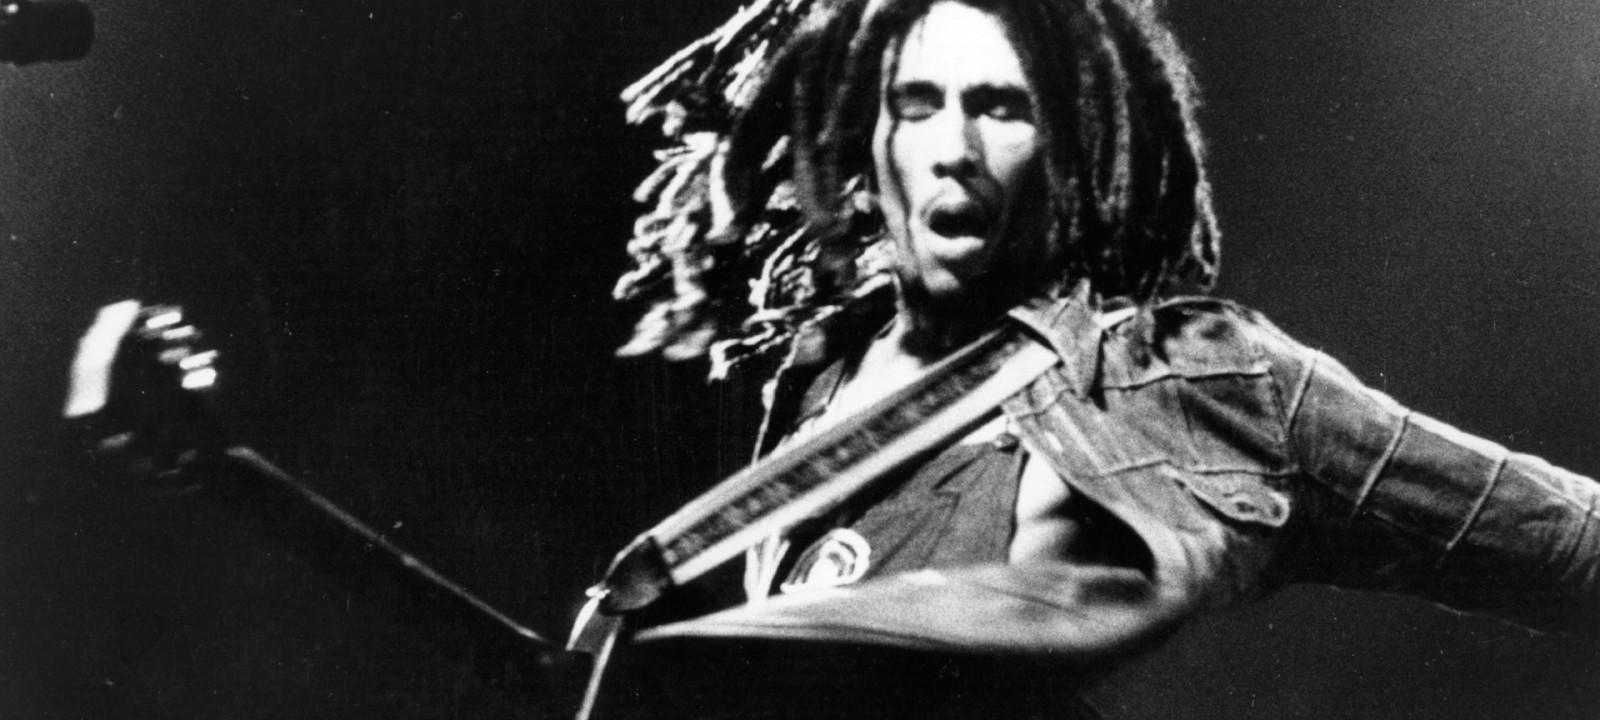 Bob Marley (Photo: Keystone/Getty Images)